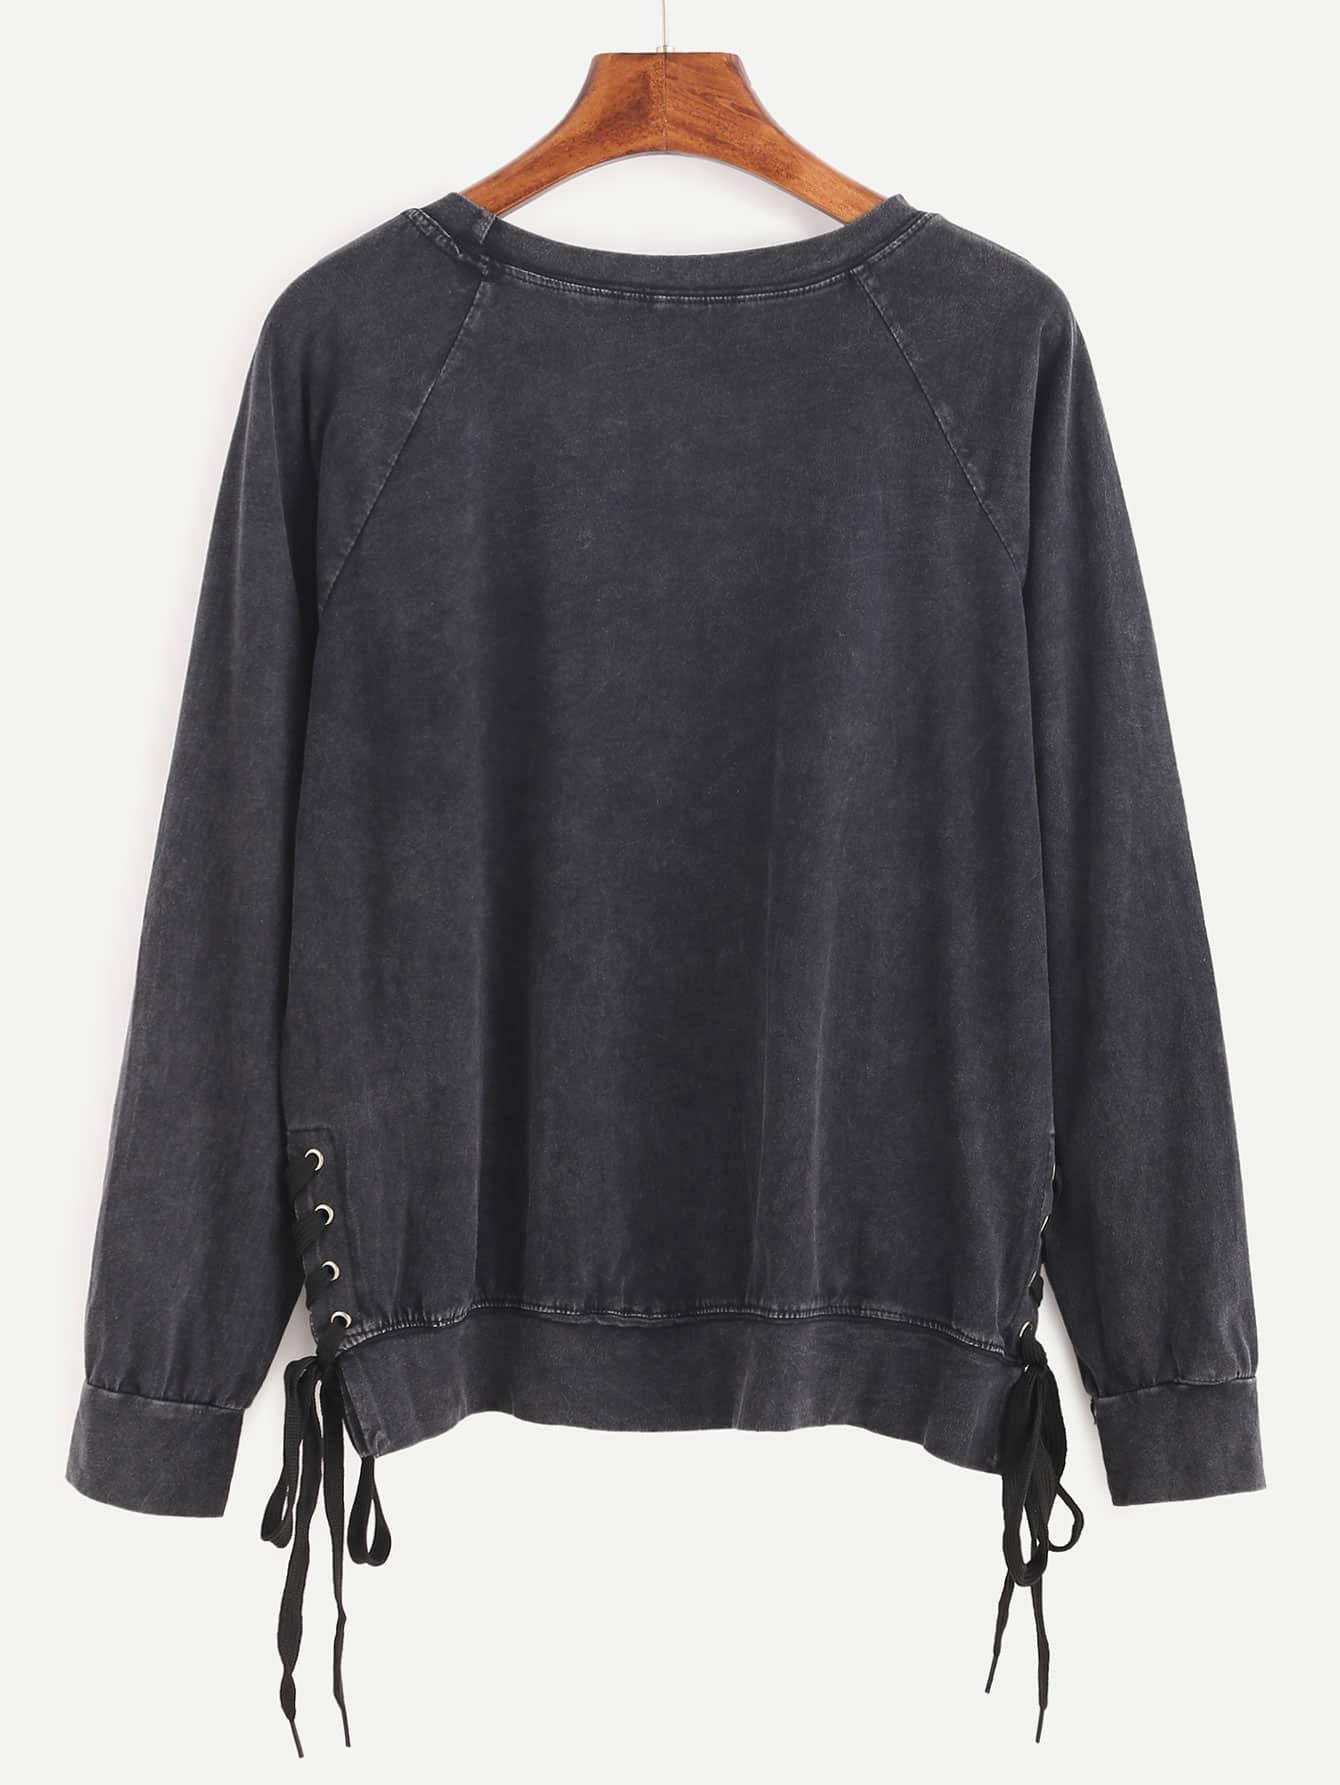 sweatshirt160920021_2